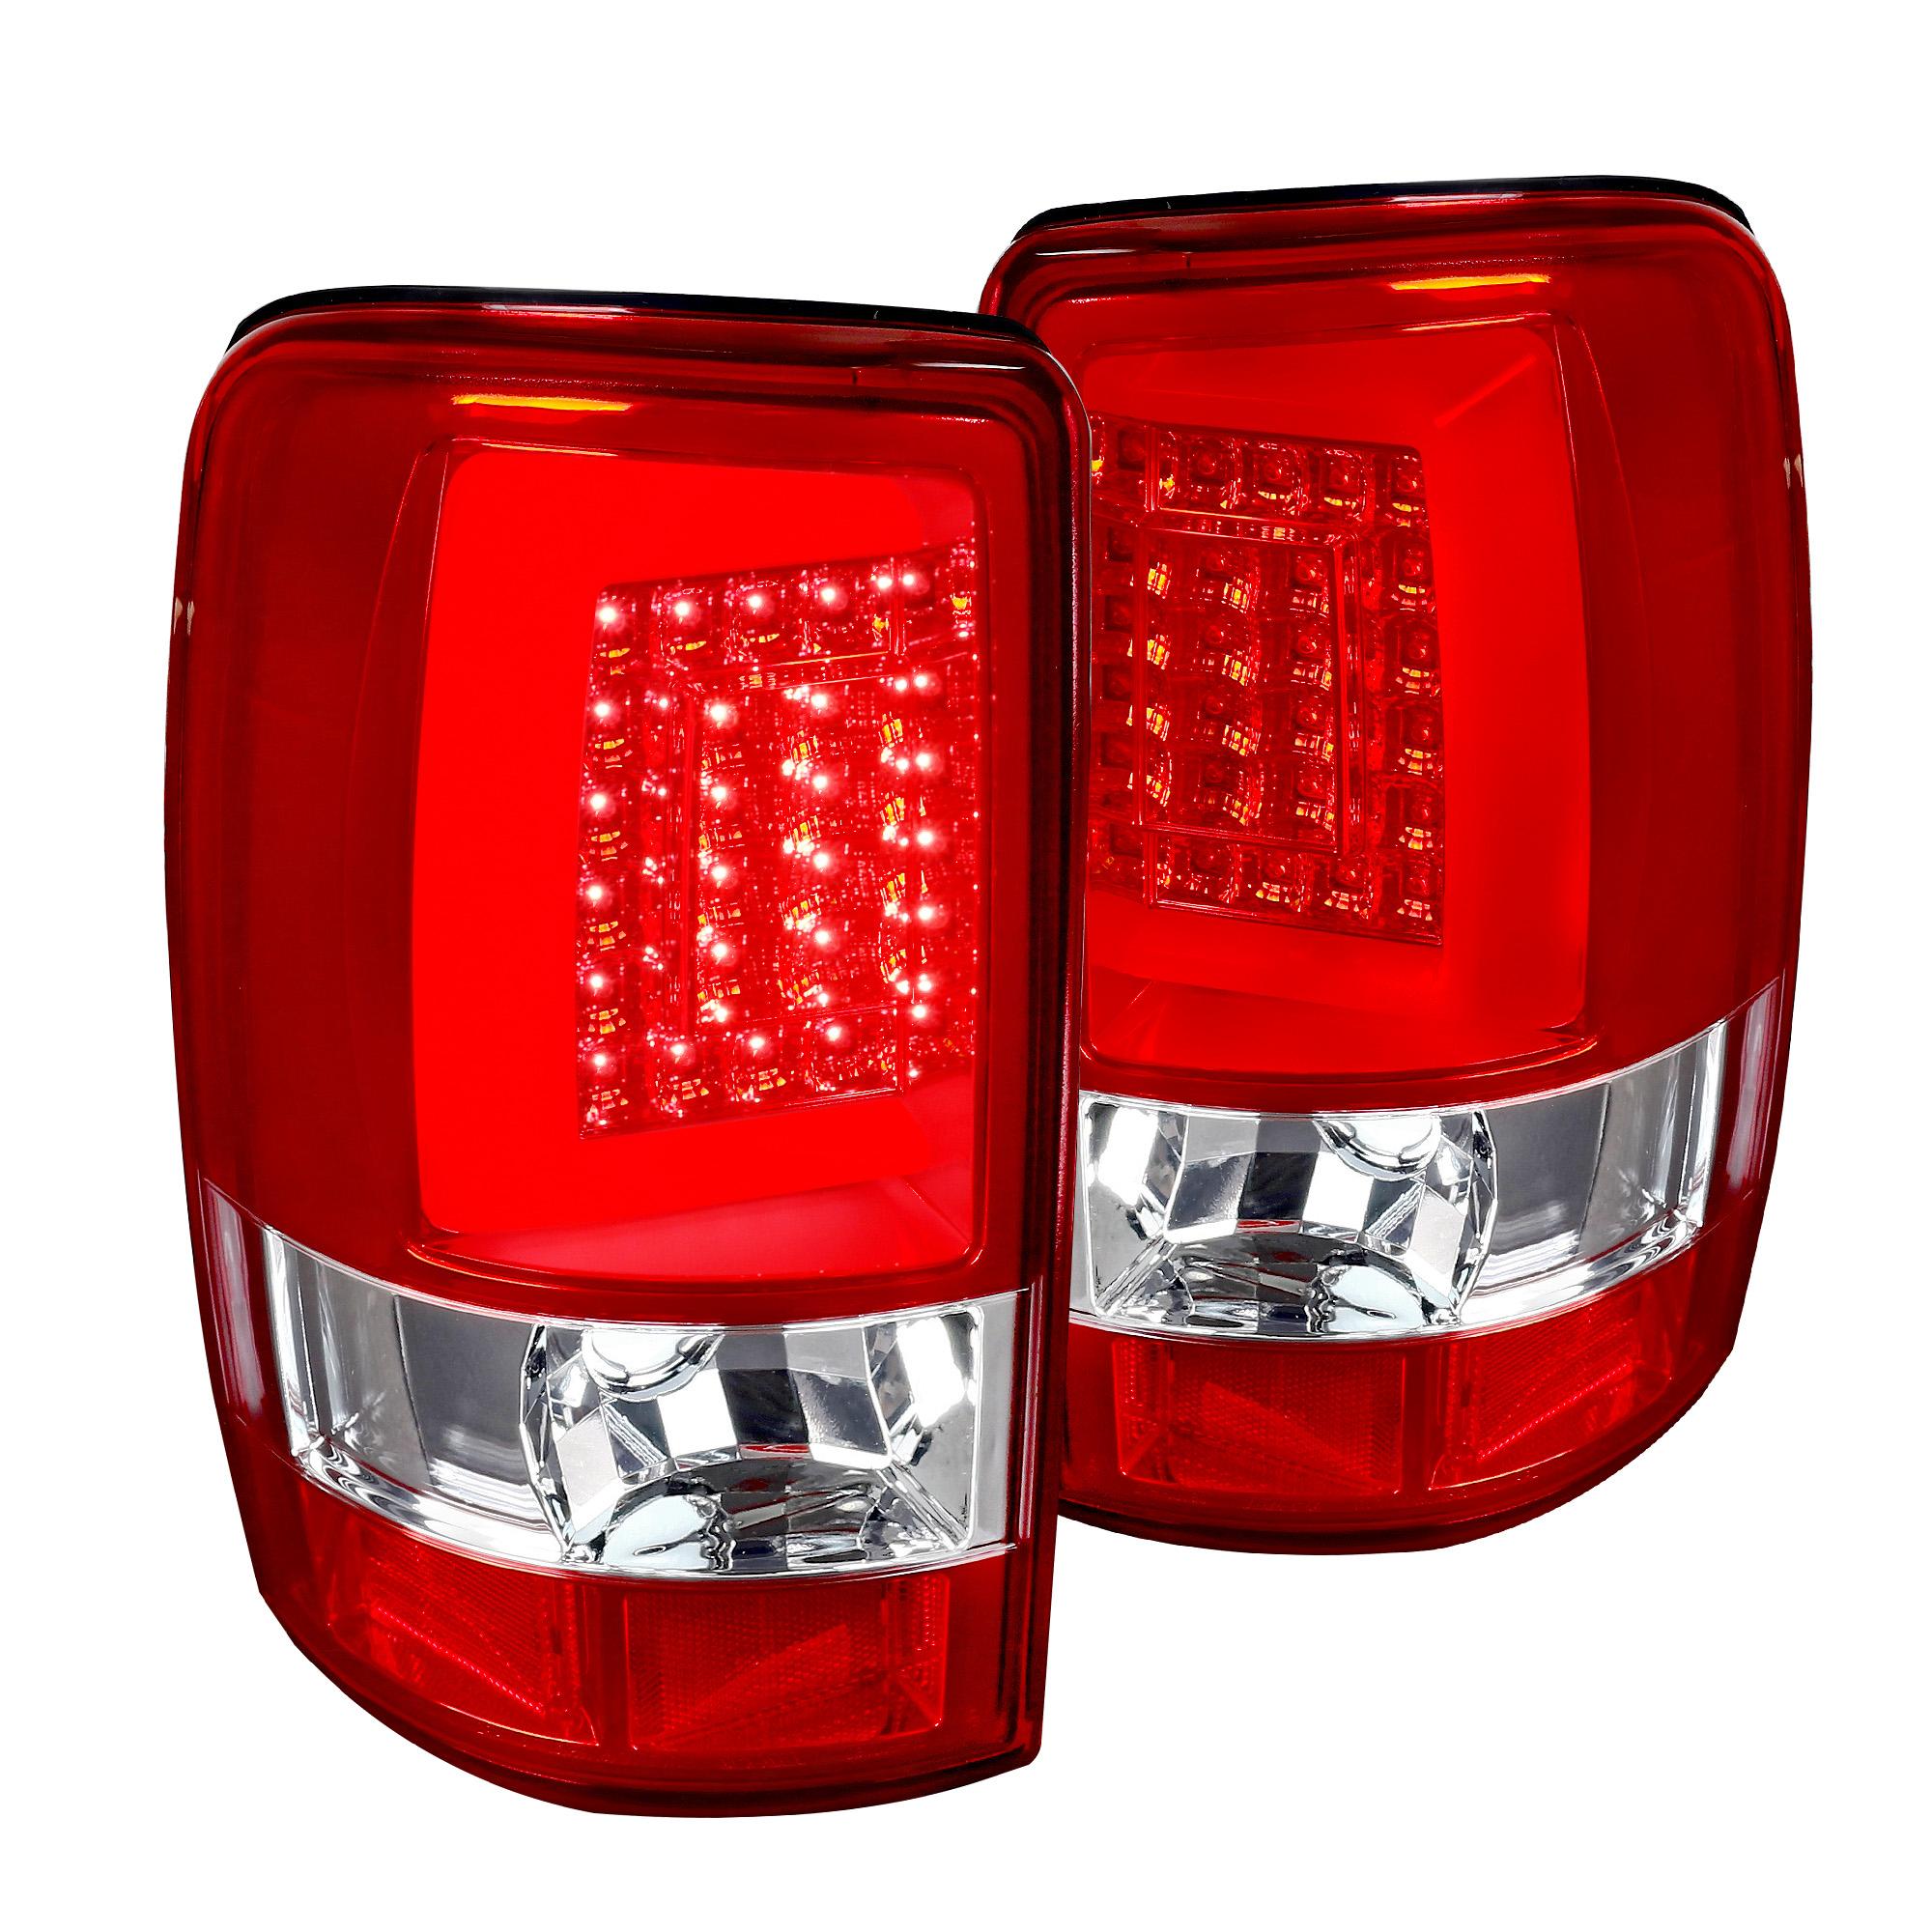 Xtune 2000-2006 Suburban//Yukon//Tahoe LED Performance Smoked 3rd Brake Light Rear Lamp 2001 2002 2003 2004 2005